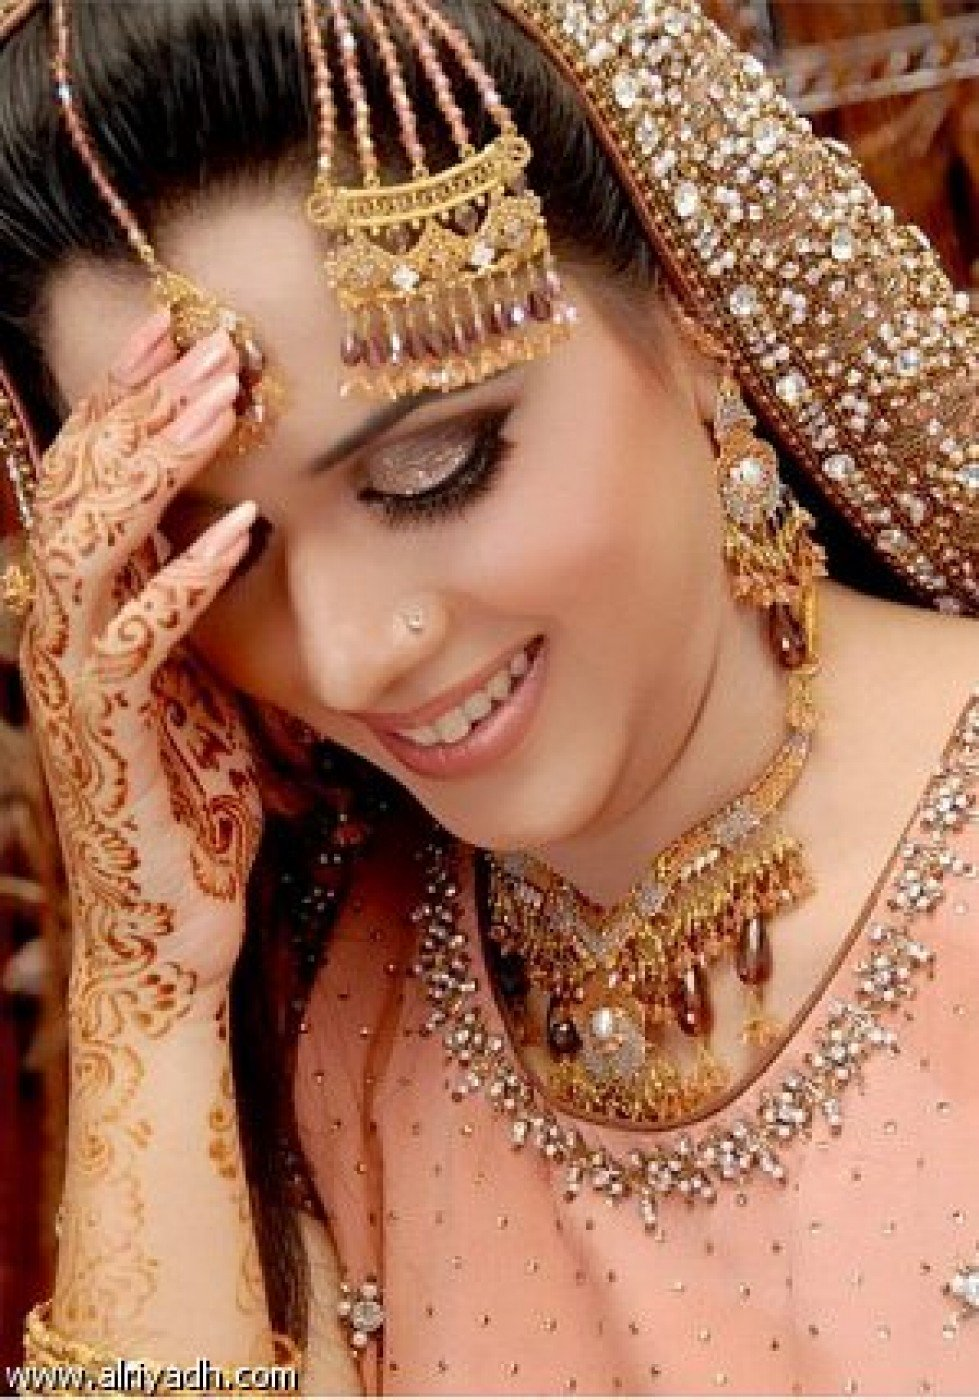 بالصور بنات باكستان , اجمل صور بنات باكستان 3730 10